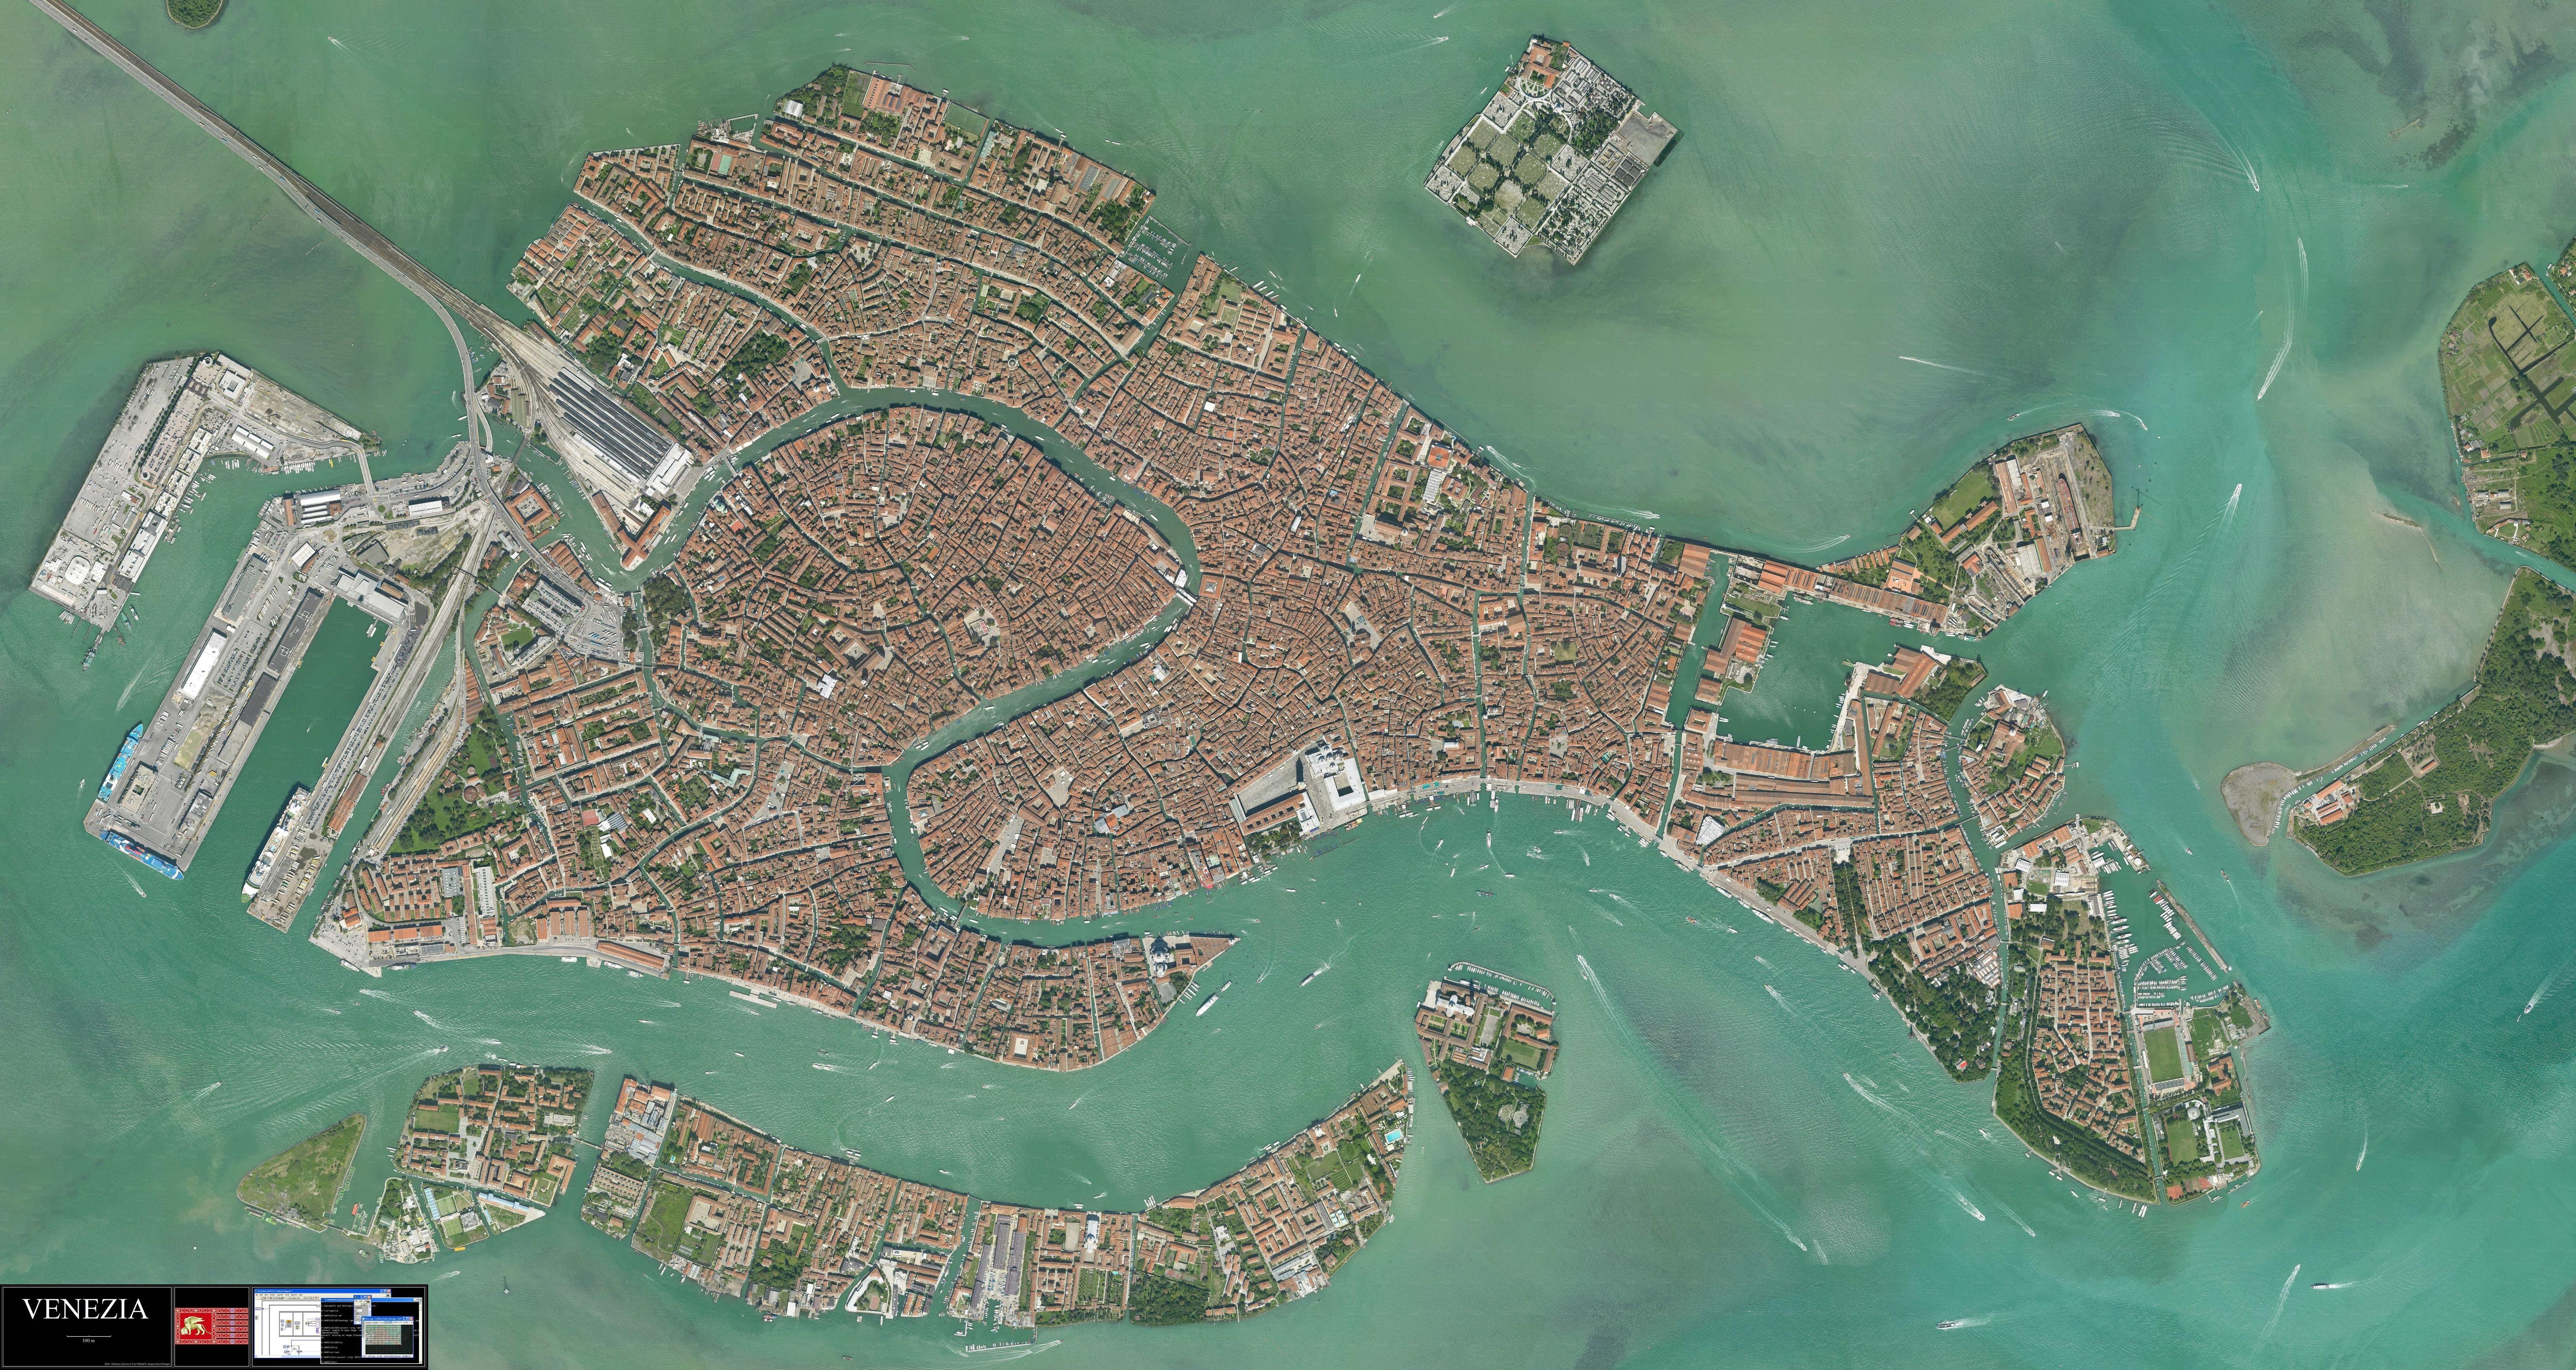 Super Hi Res Photo Of Venice 10000 X 5319